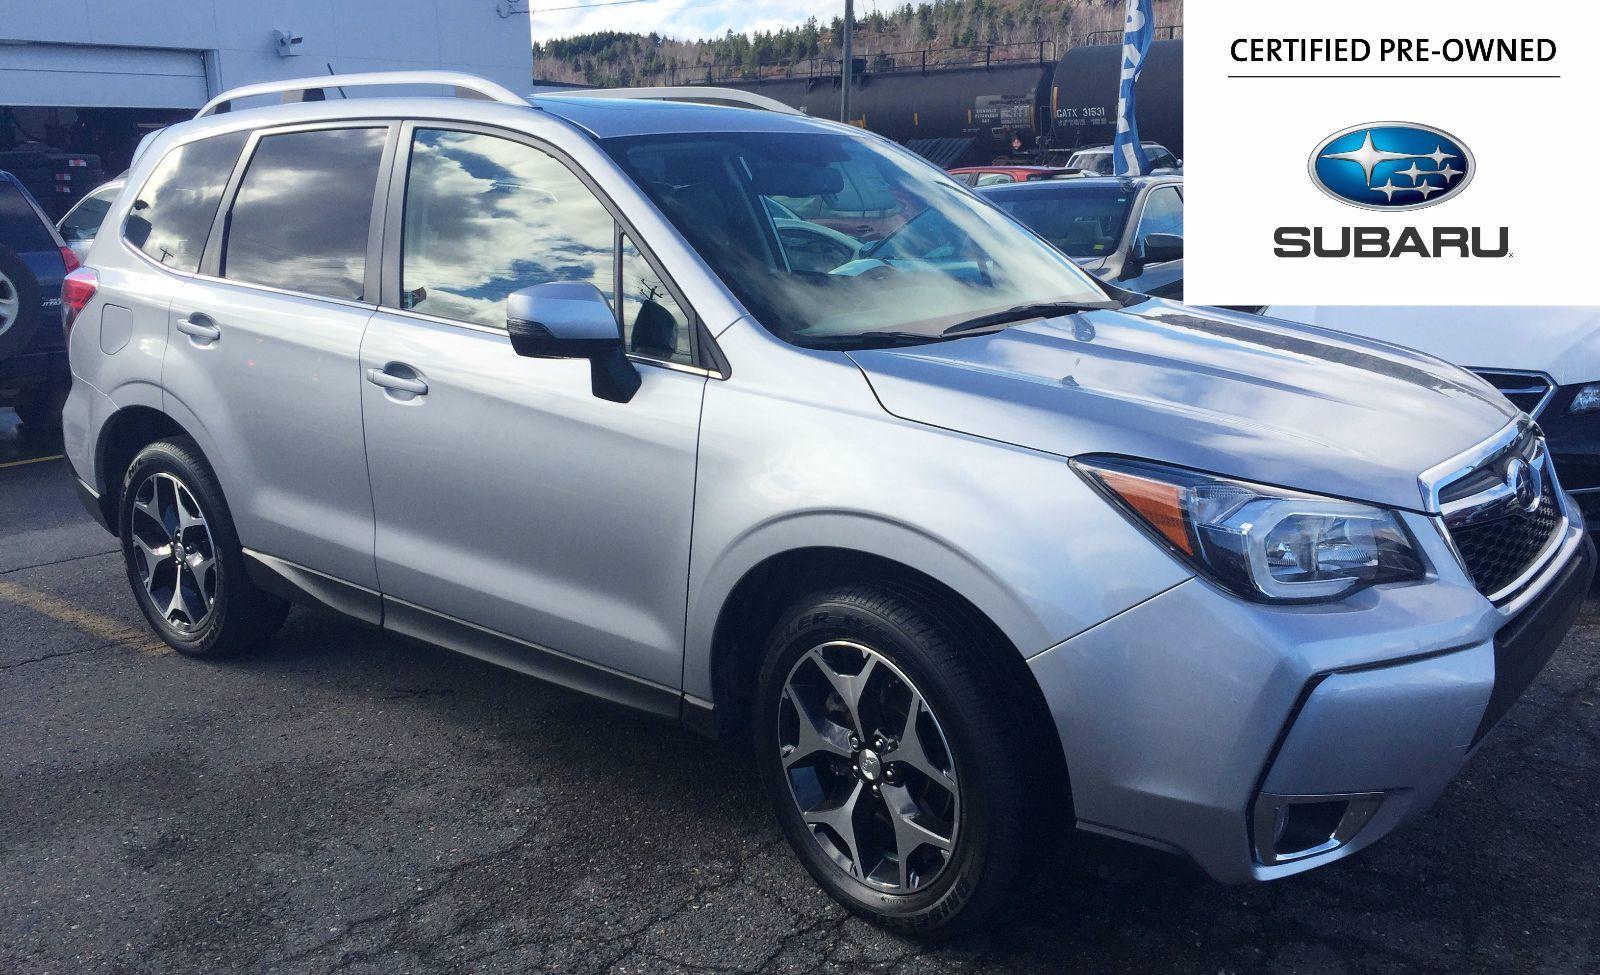 Brunswick Subaru New 2017 2018 Subaru Used Car Dealer